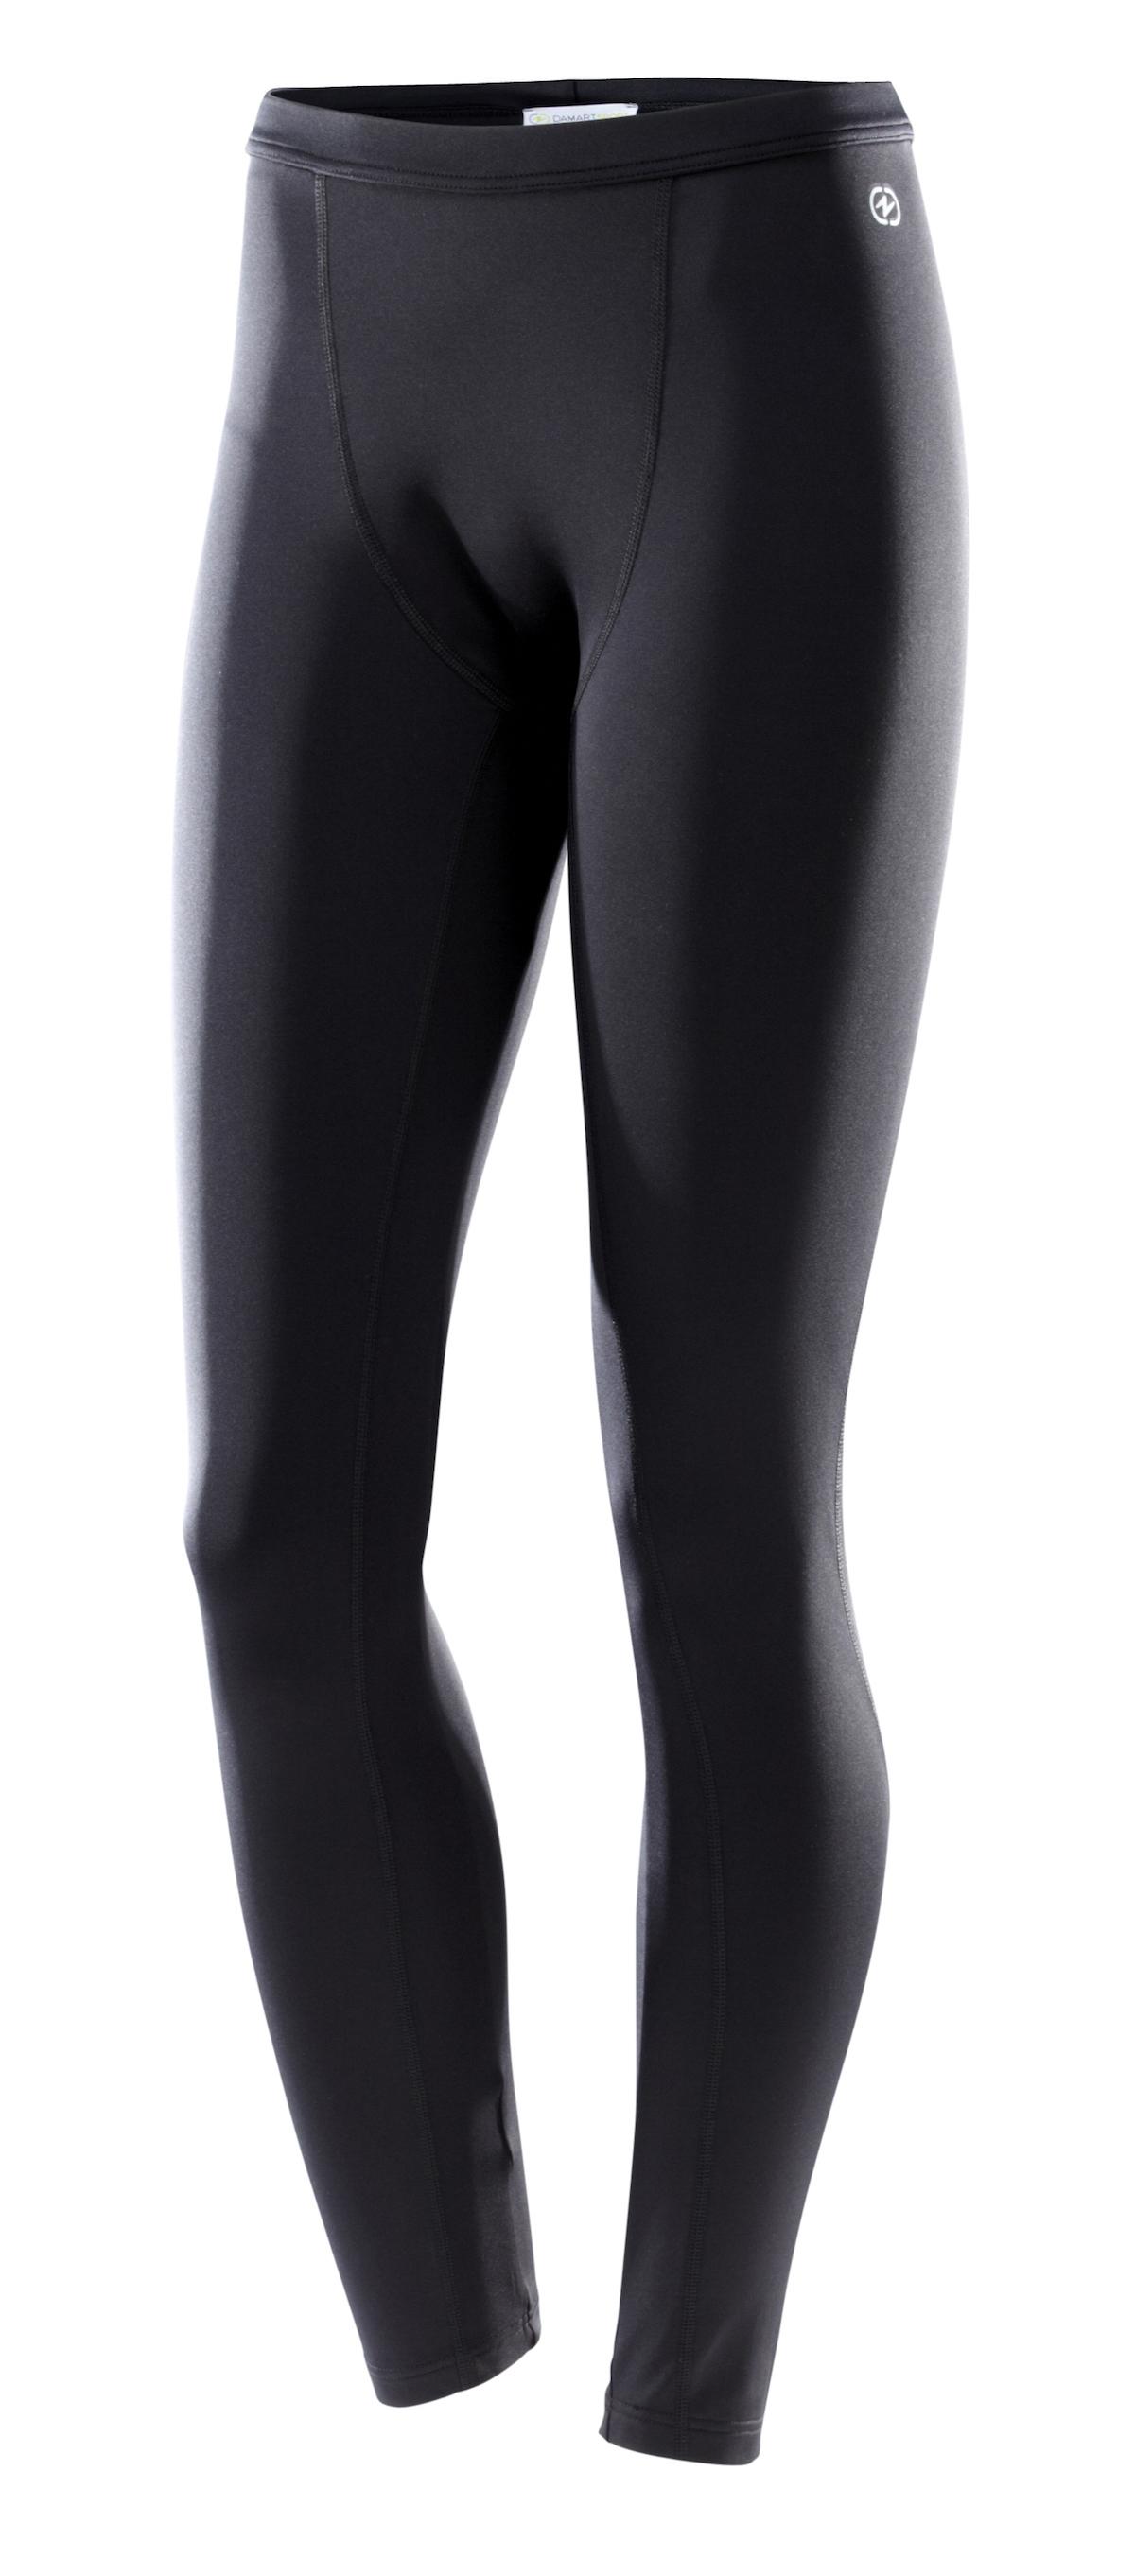 Damart Sport Easy Body 3 - Collant femme